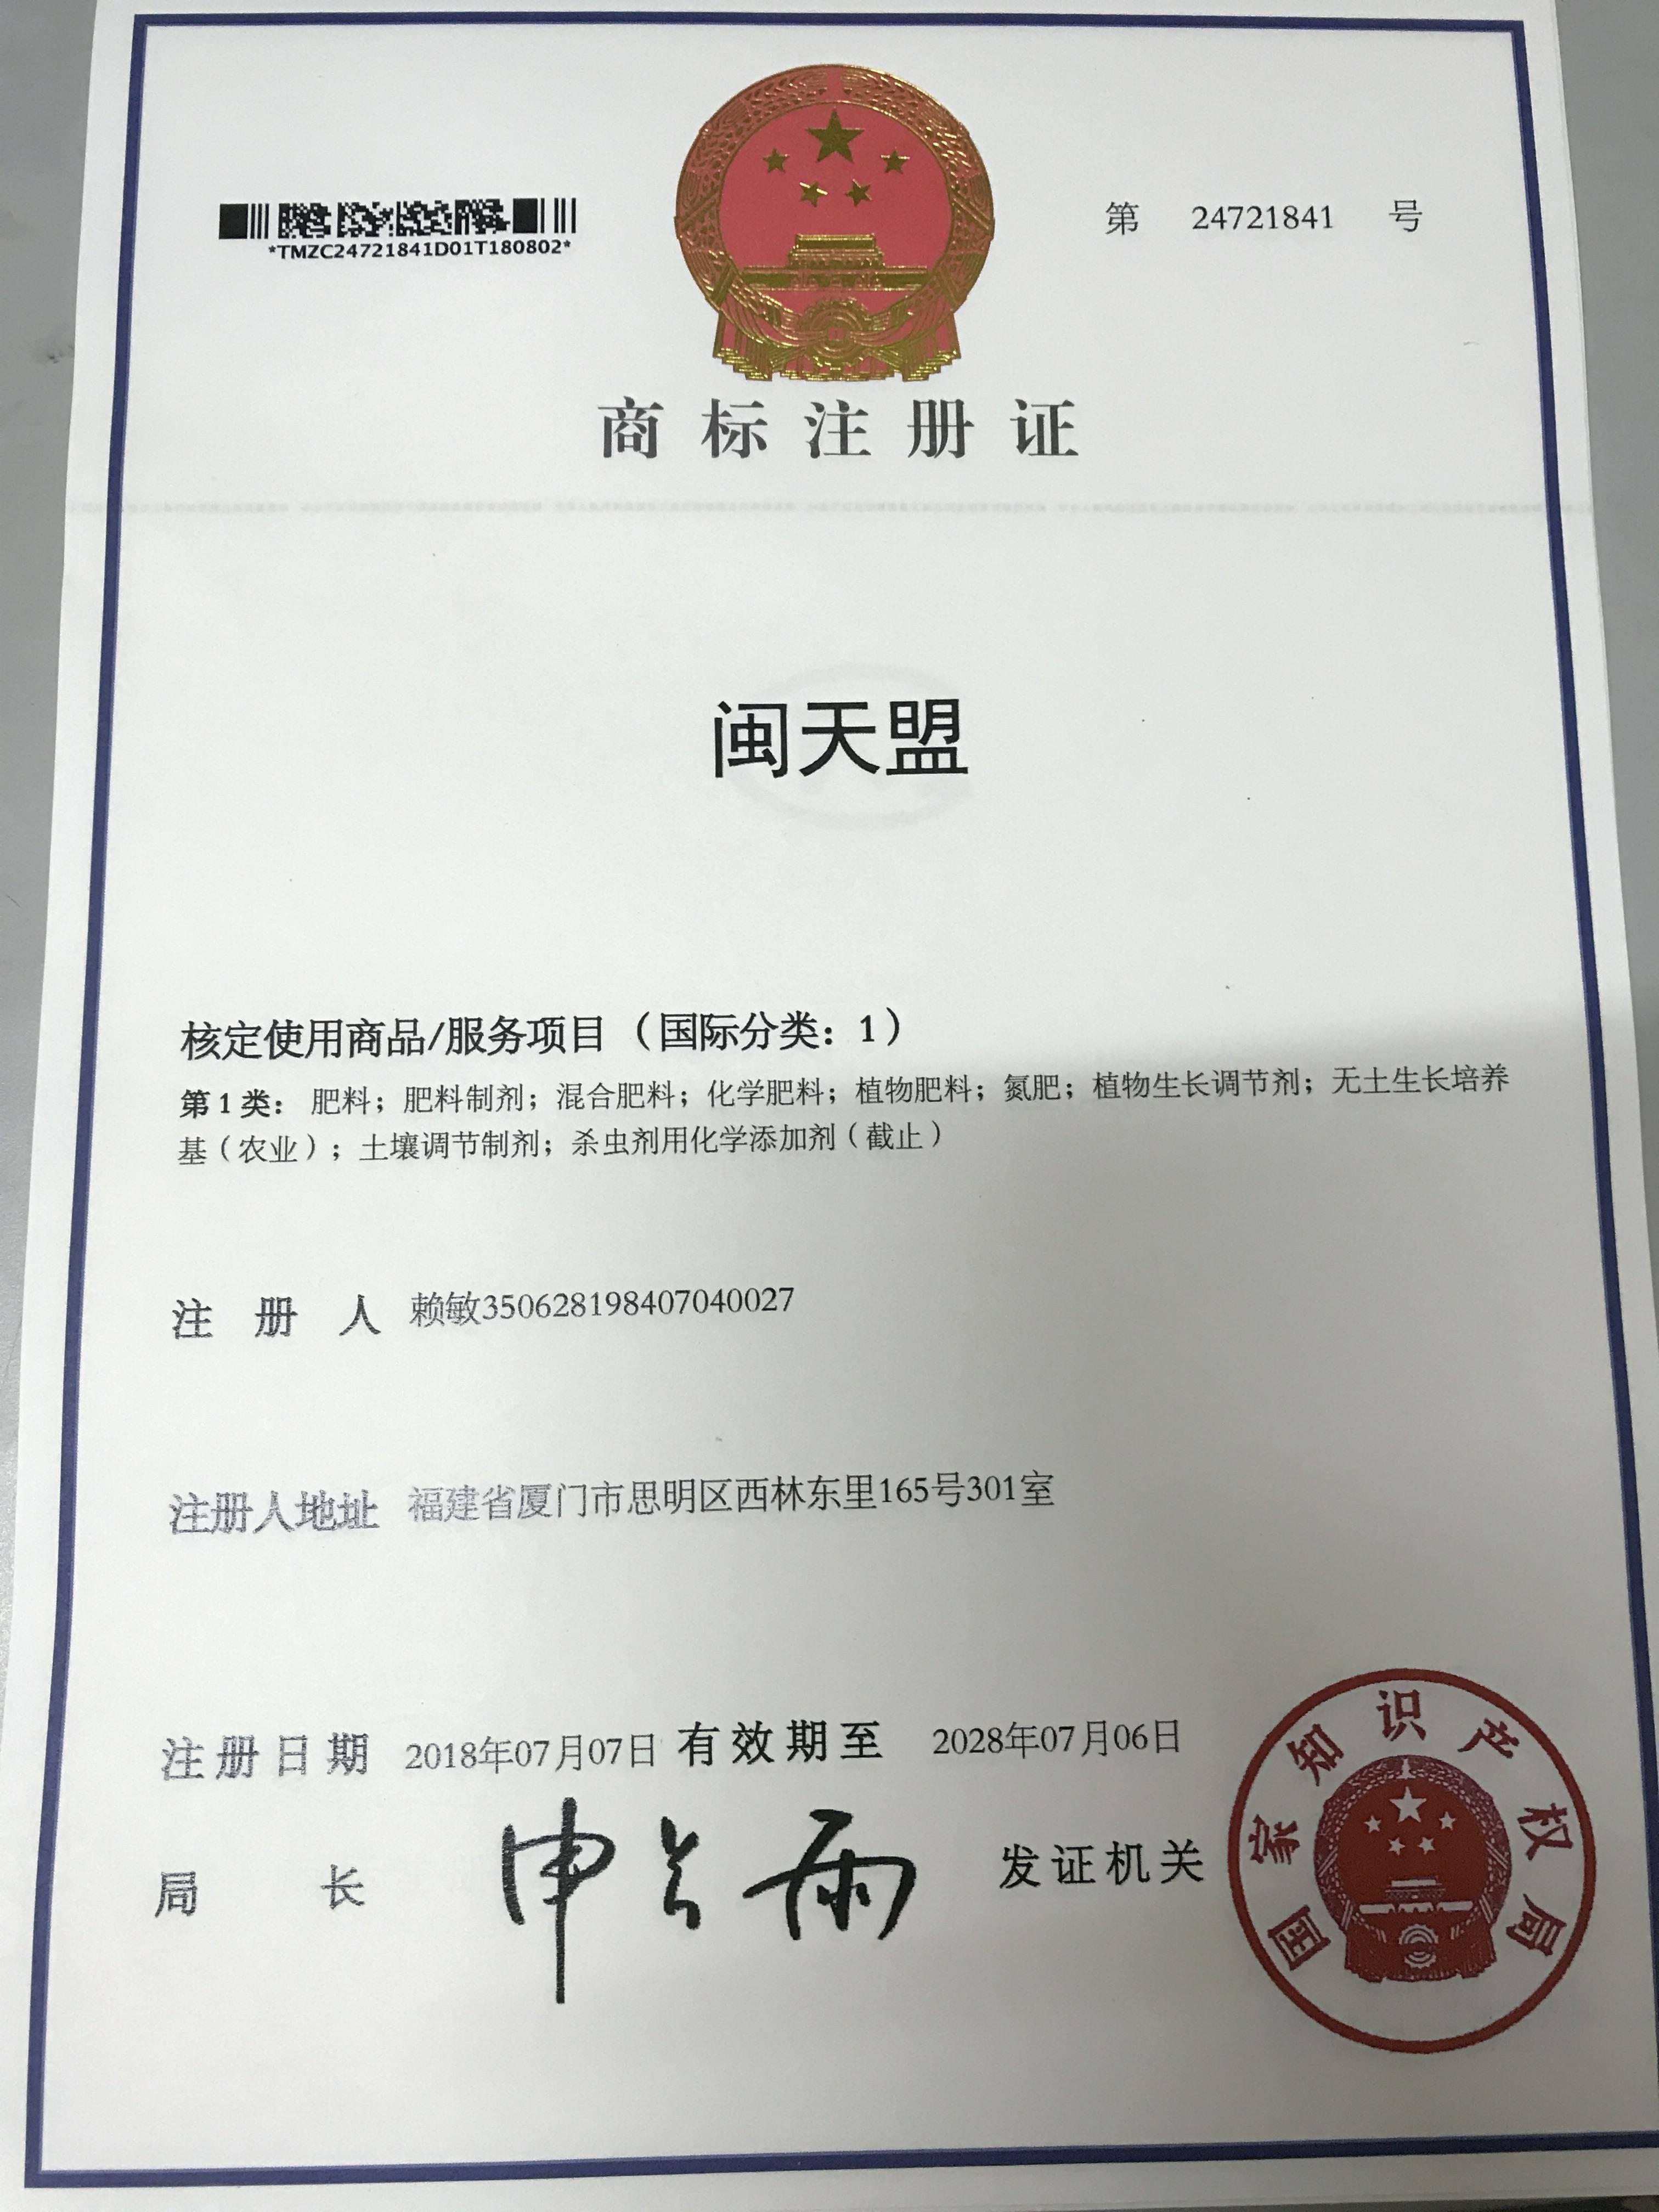 天盟农资荣获企业品牌注册商标